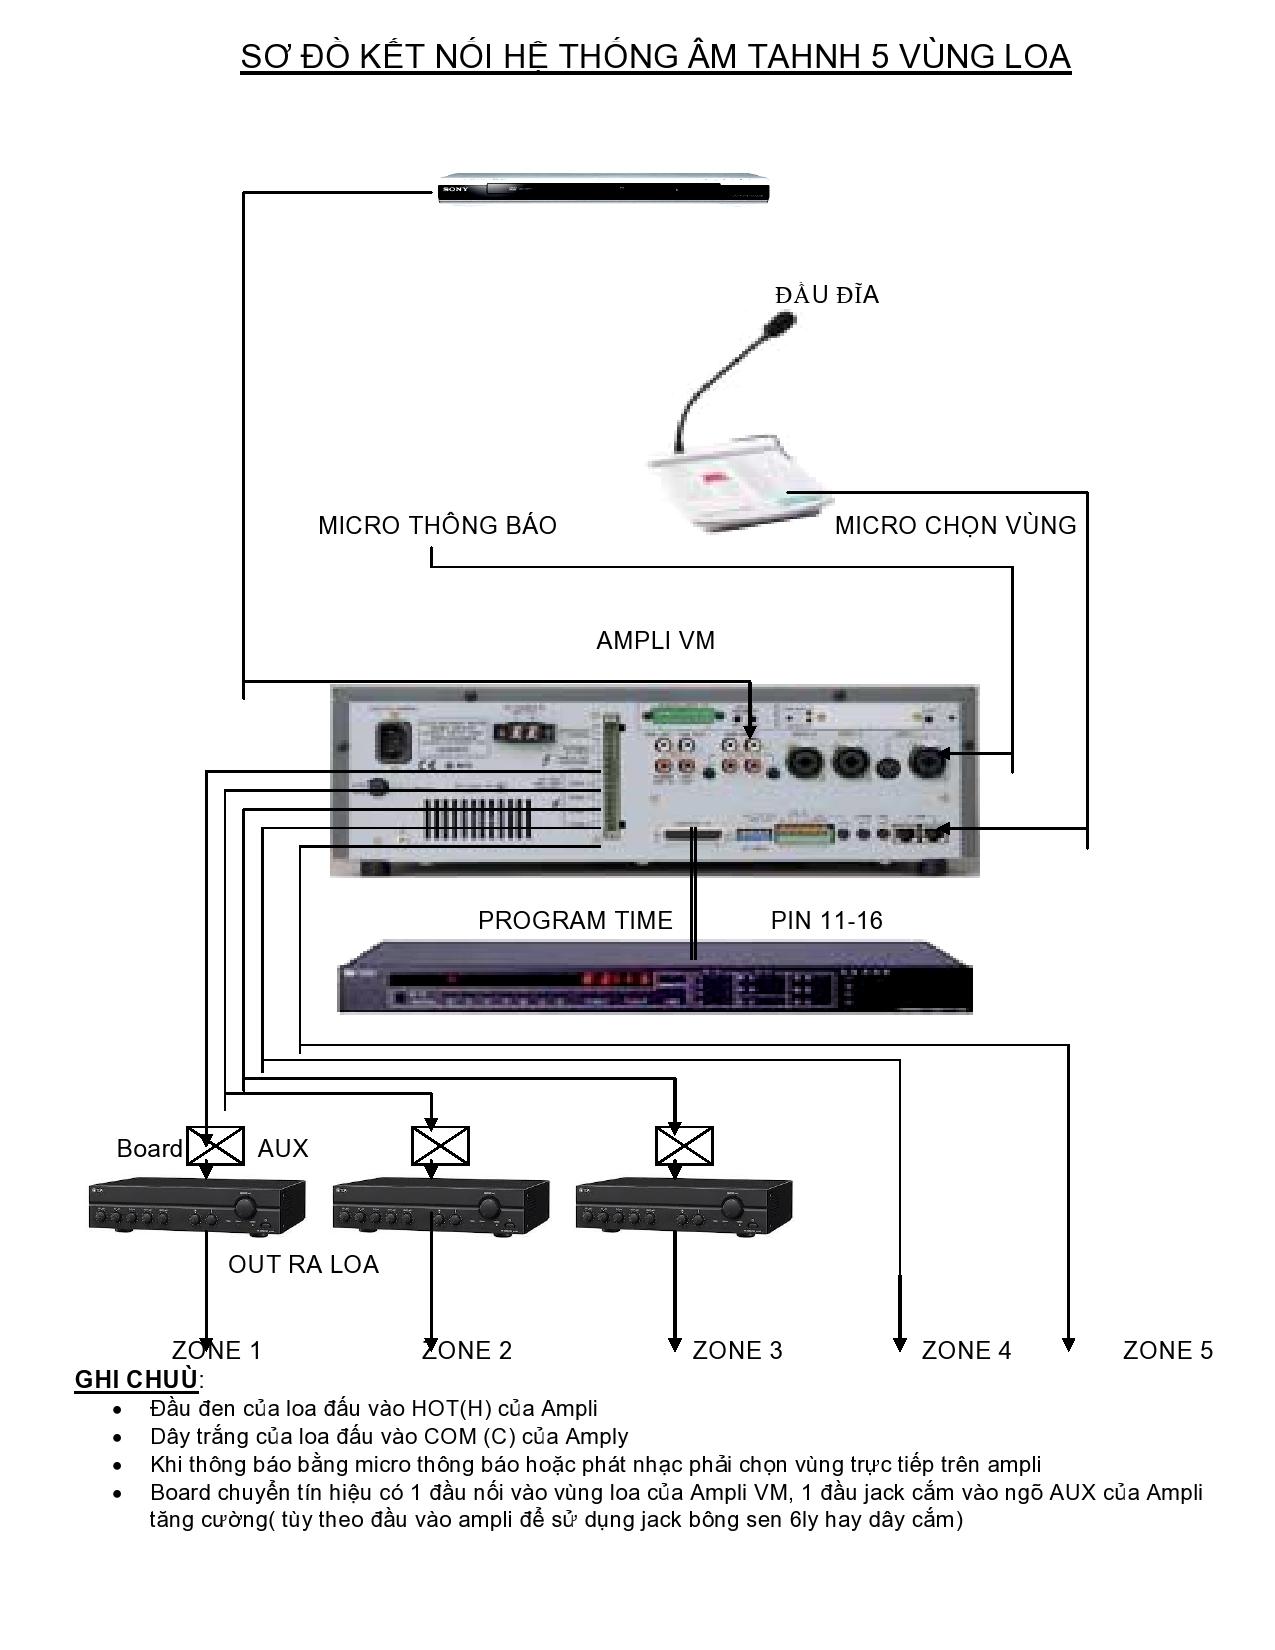 Sơ đồ kết nối hệ thống âm thanh 5 vùng loa, hệ thống âm thanh 5 vùng